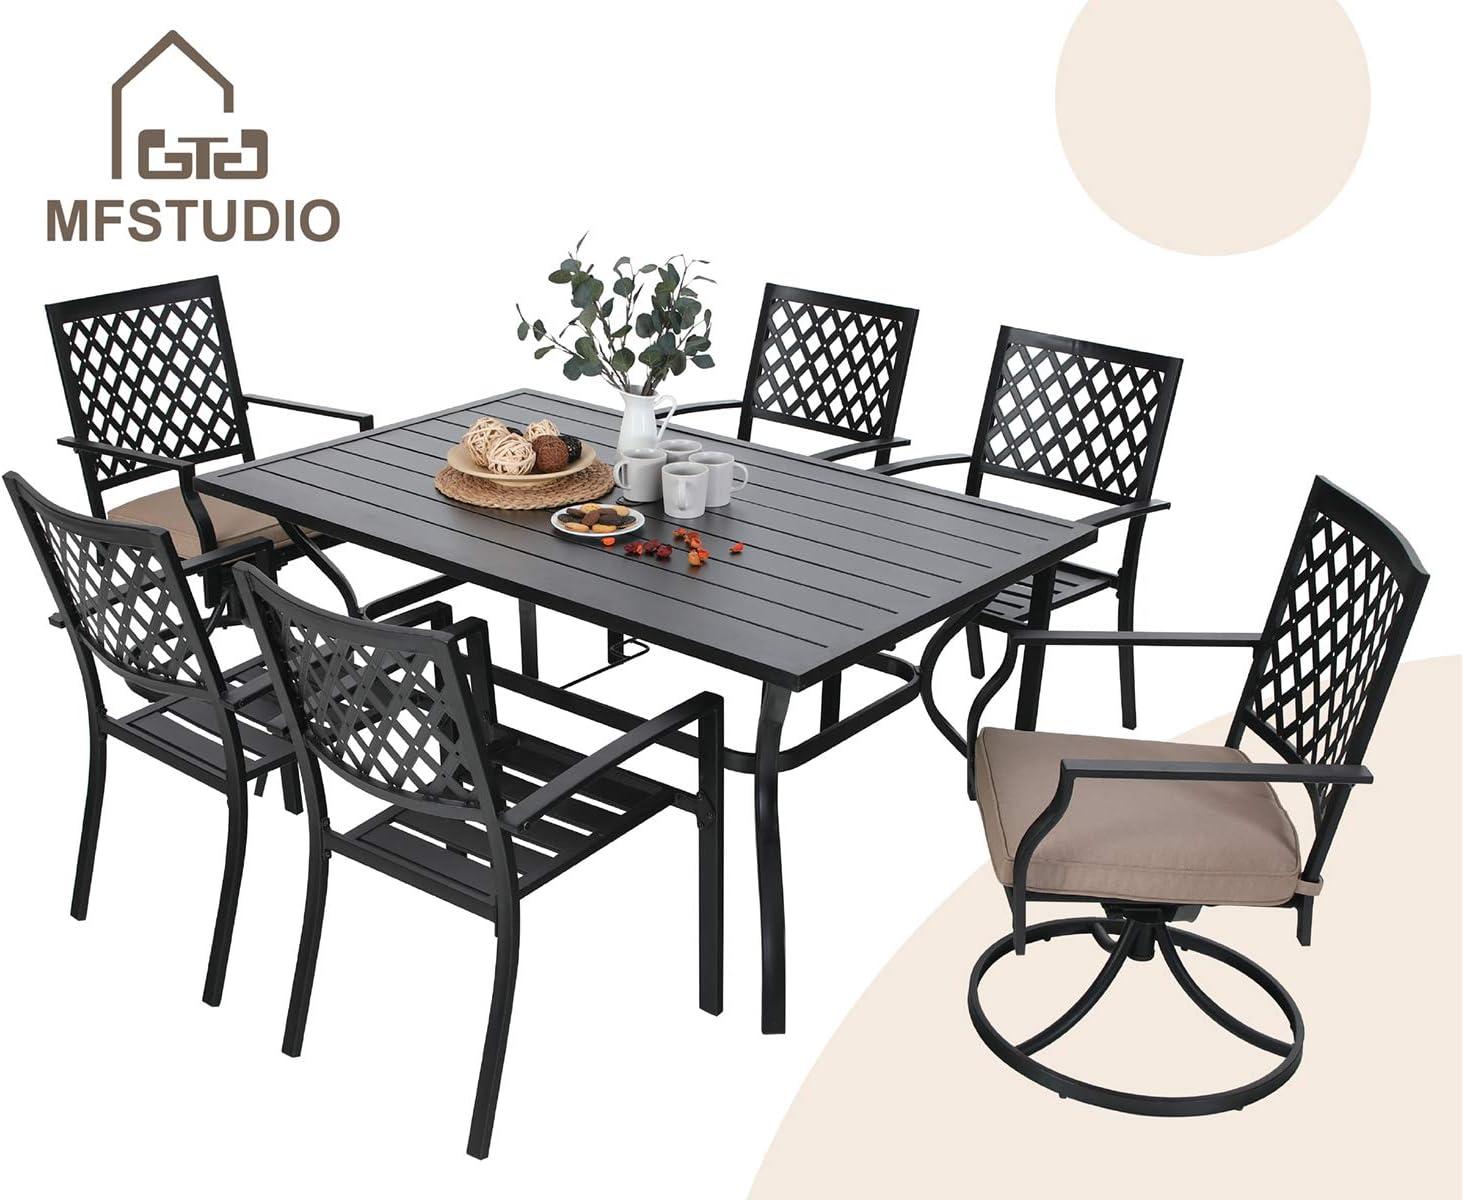 MFSTUDIO Metal 7 Piece Outdoor Patio Dining Set